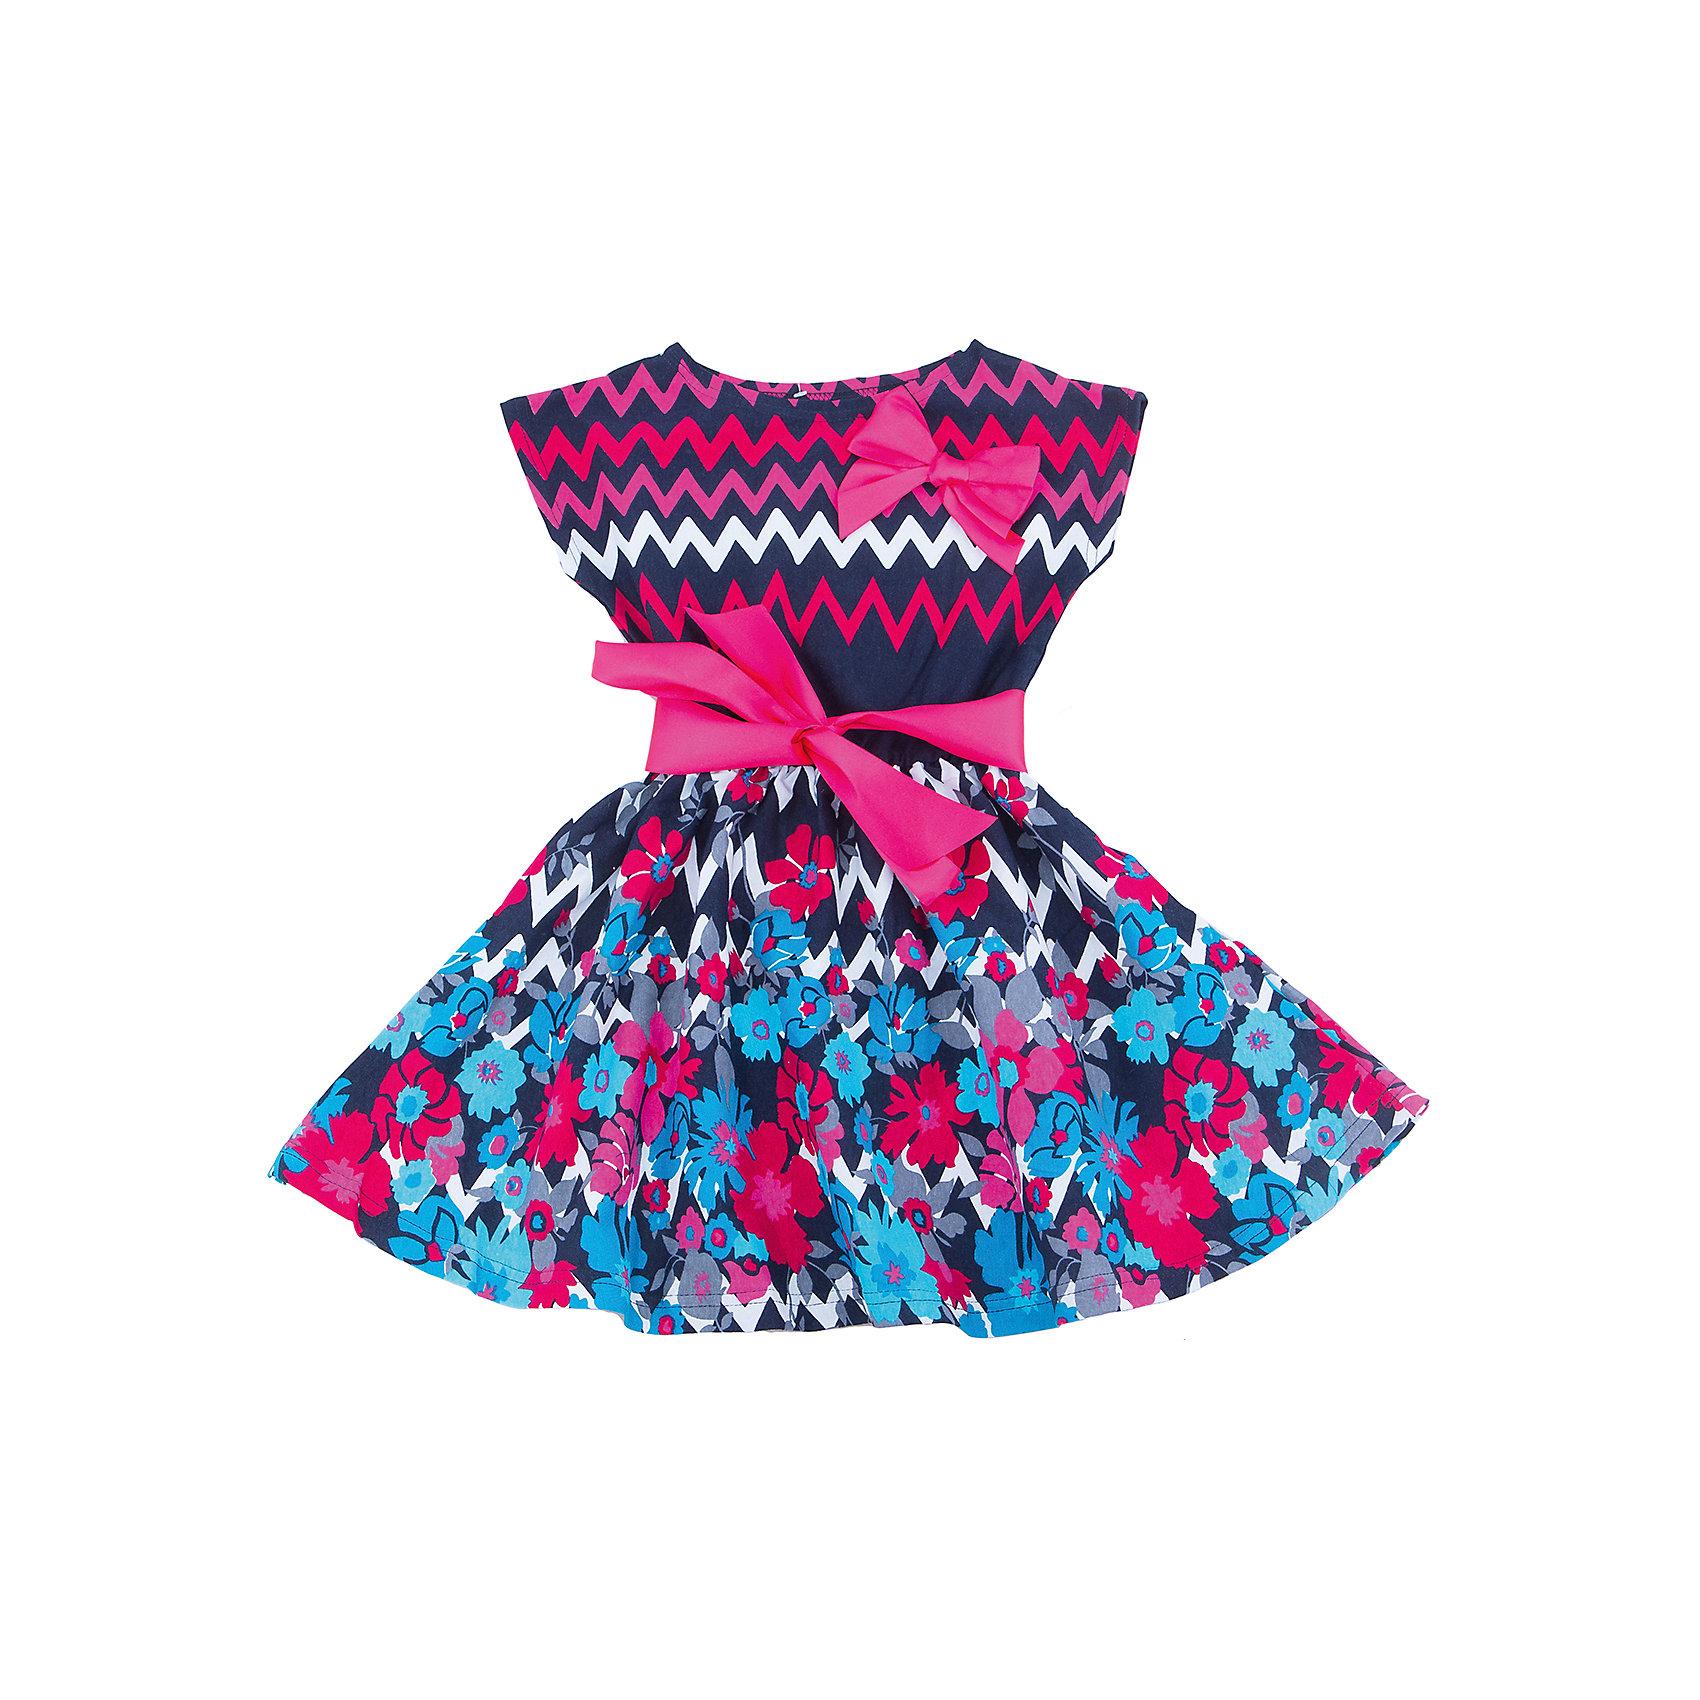 Платье для девочки АпрельПлатья и сарафаны<br>Характеристики товара:<br><br>• цвет: синий<br>• состав: 100% хлопок<br>• приталенный силуэт<br>• короткие рукава<br>• бант-брошка<br>• принт<br>• комфортная посадка<br>• страна производитель: Российская Федерация<br>• страна бренда: Российская Федерация<br><br>Это симпатичное платье - удобная и универсальная вещь, которая поможет разнообразить гардероб ребенка. Она комфортно ощущается на теле, хорошо садится по детской фигуре. Изделие отлично сочетается с различной обувью. Материал состоит из хлопка, который не вызывает аллергии и позволяет коже дышать.<br><br>Платье для девочки от известного бренда Апрель можно купить в нашем интернет-магазине.<br><br>Ширина мм: 236<br>Глубина мм: 16<br>Высота мм: 184<br>Вес г: 177<br>Цвет: синий<br>Возраст от месяцев: 108<br>Возраст до месяцев: 120<br>Пол: Женский<br>Возраст: Детский<br>Размер: 140,134,98,104,110,116,122,128<br>SKU: 5439497